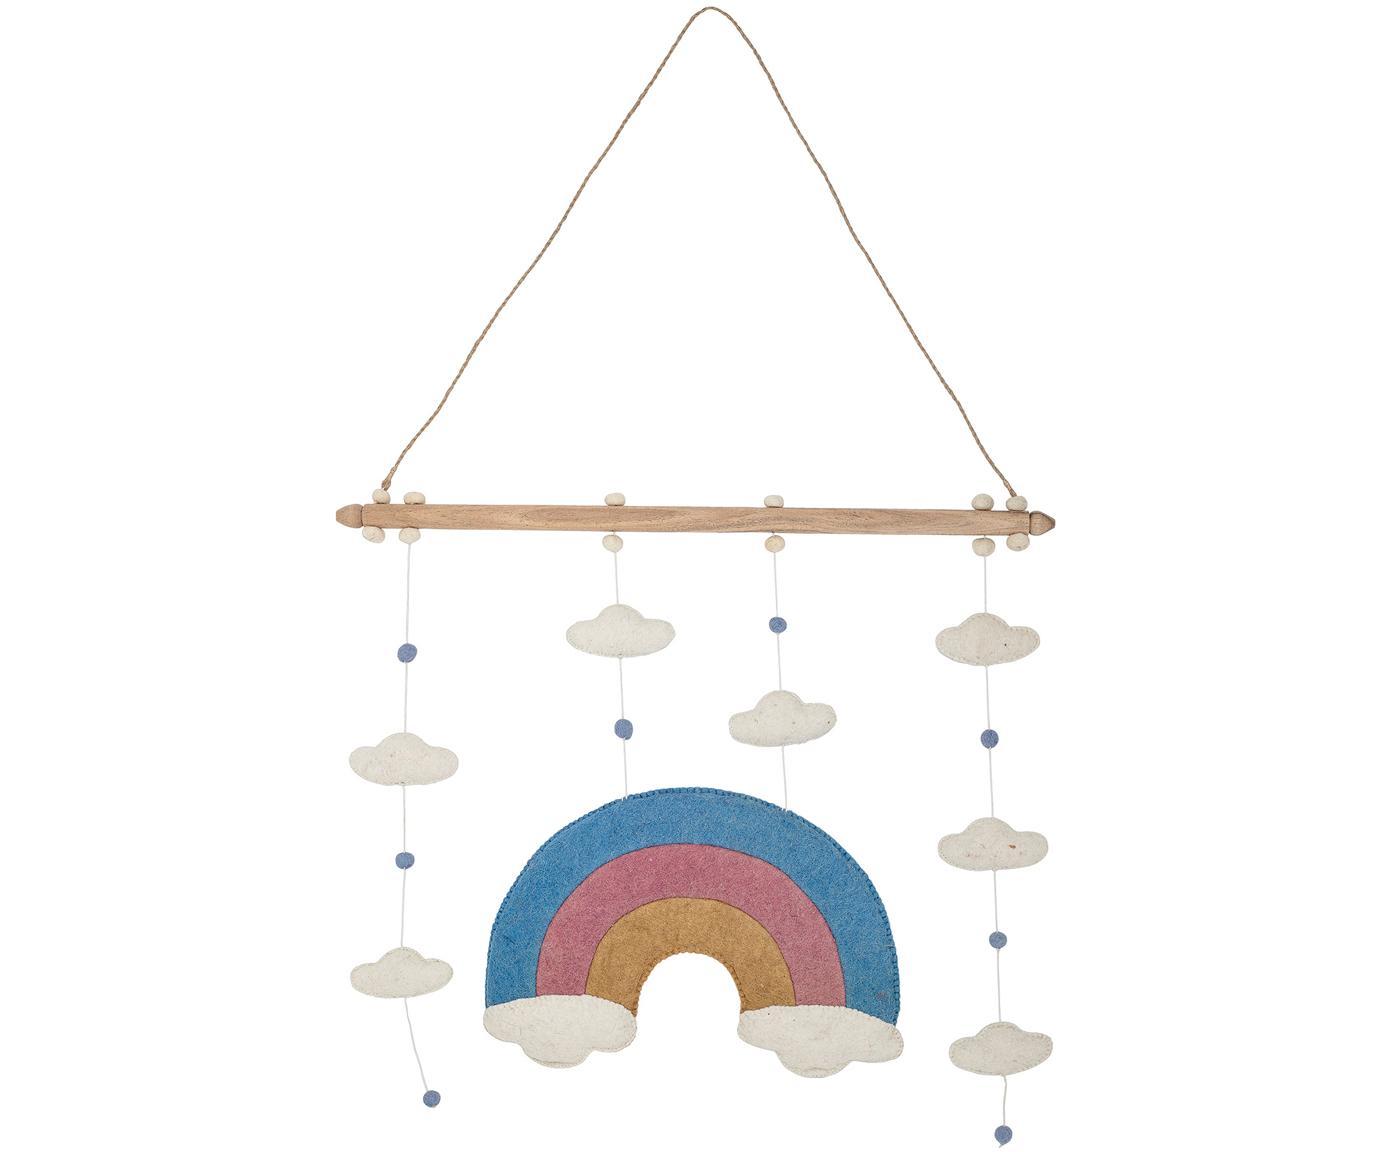 Babymobile Rainbow, Wollfilz, Polyester, Mehrfarbig, 57 x 90 cm